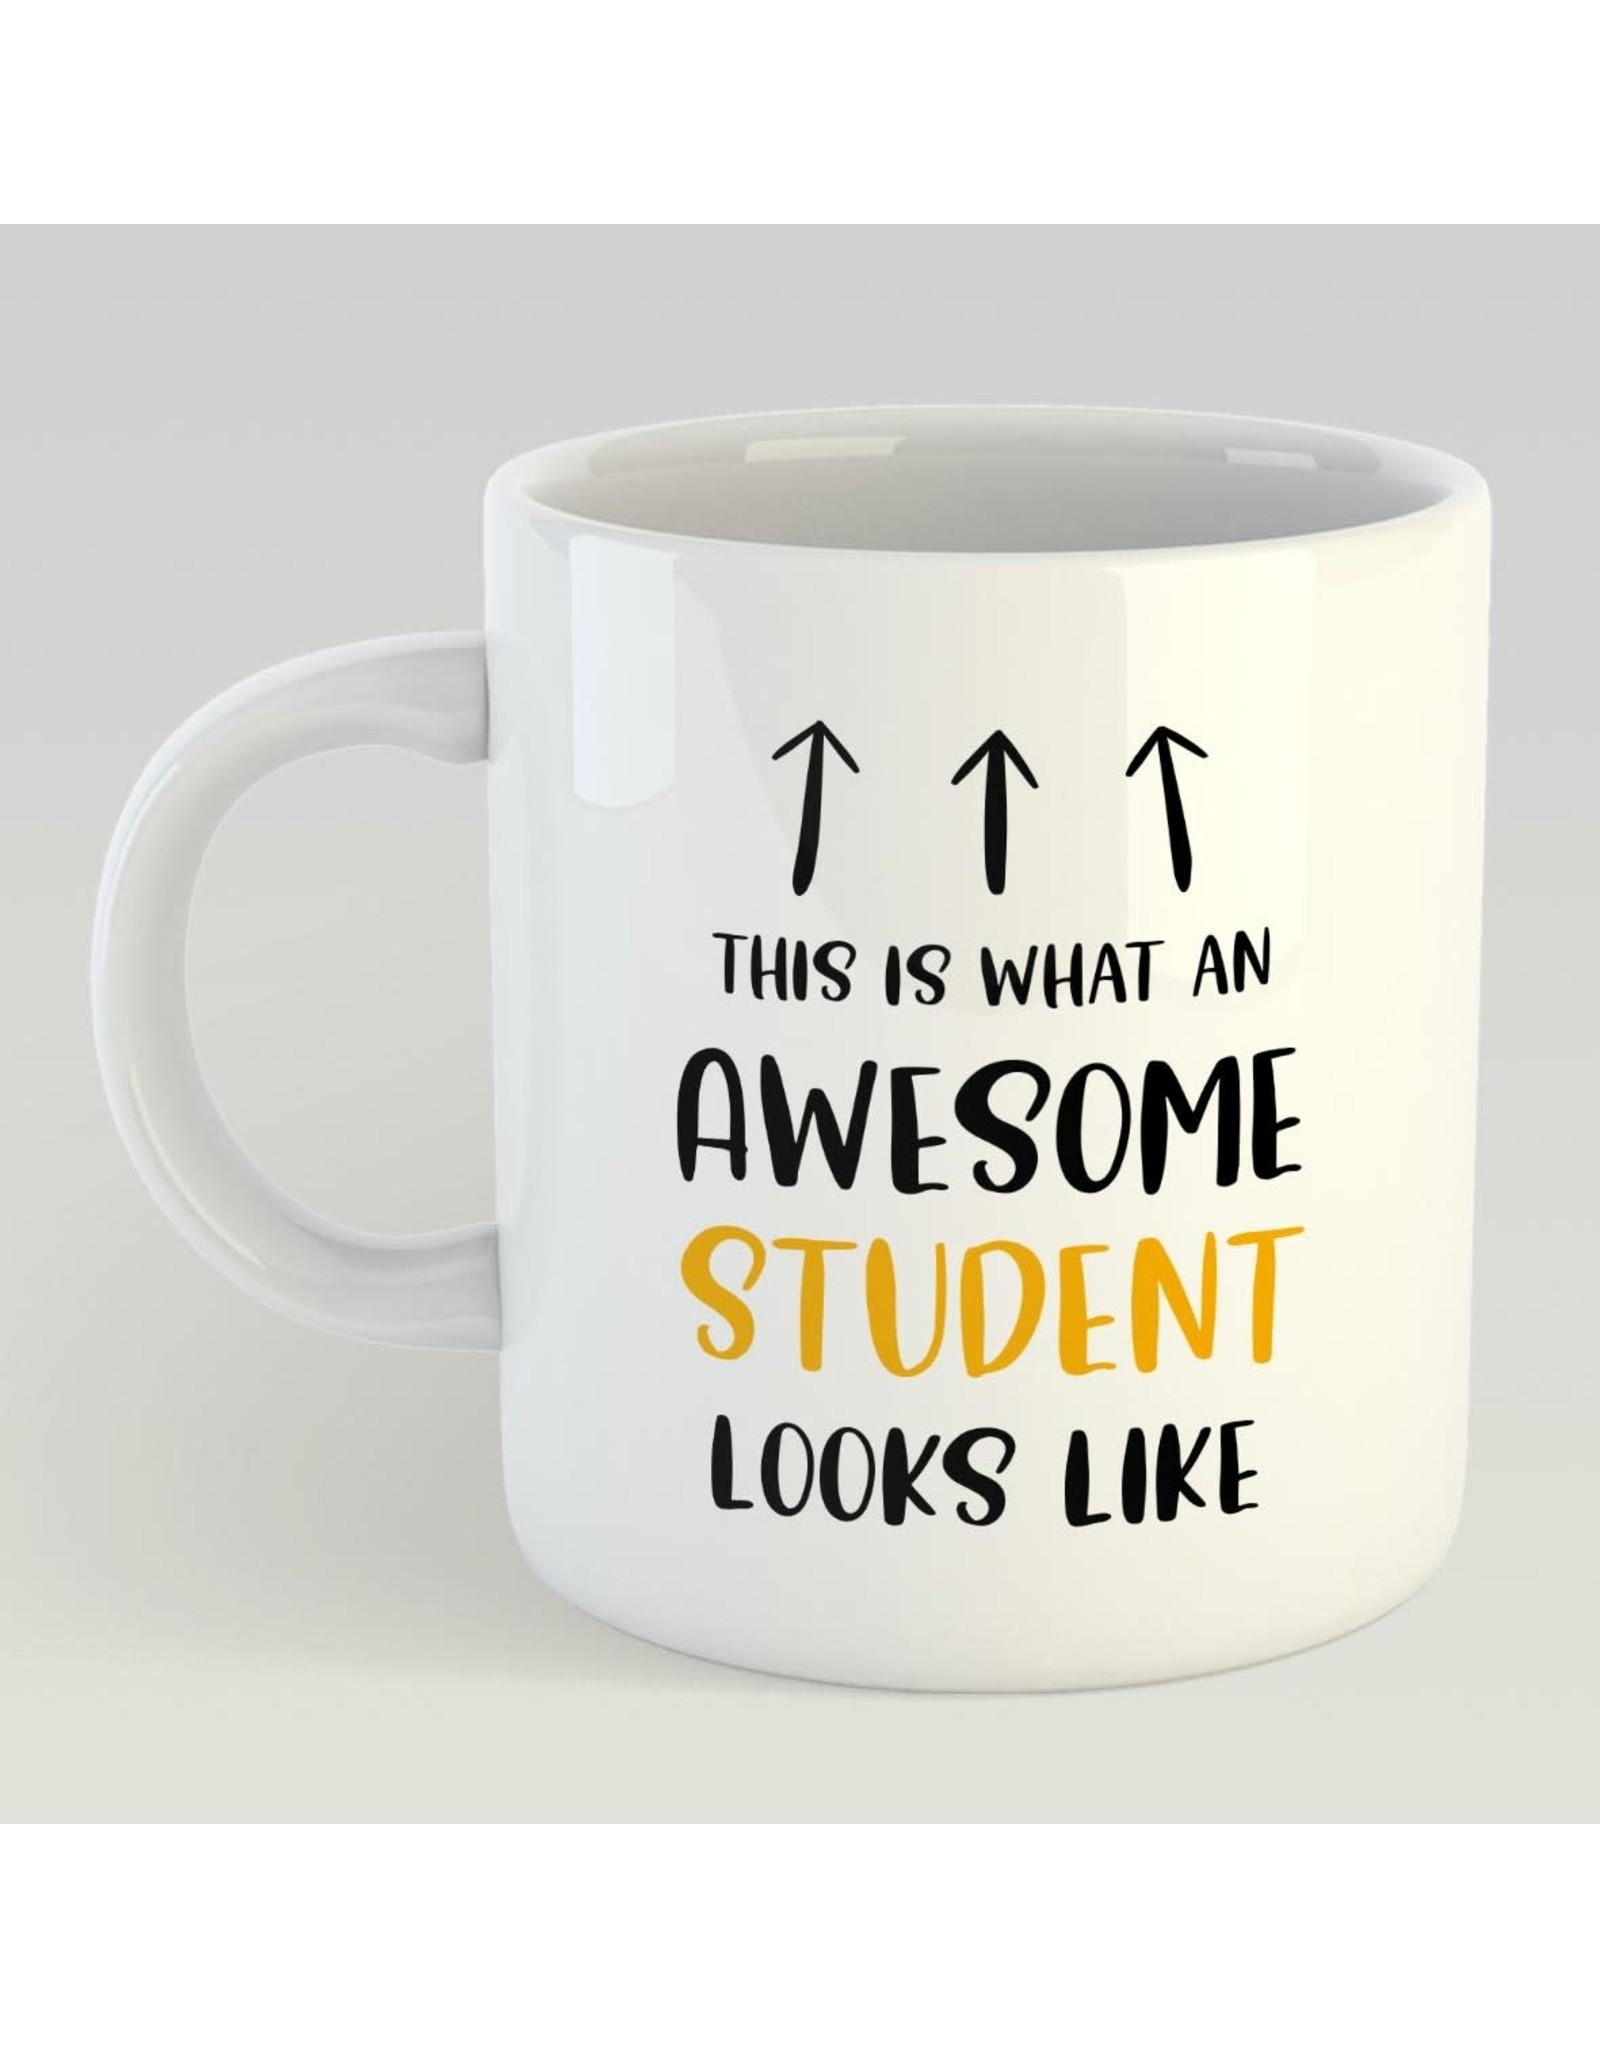 Artige mug with print - awesome student